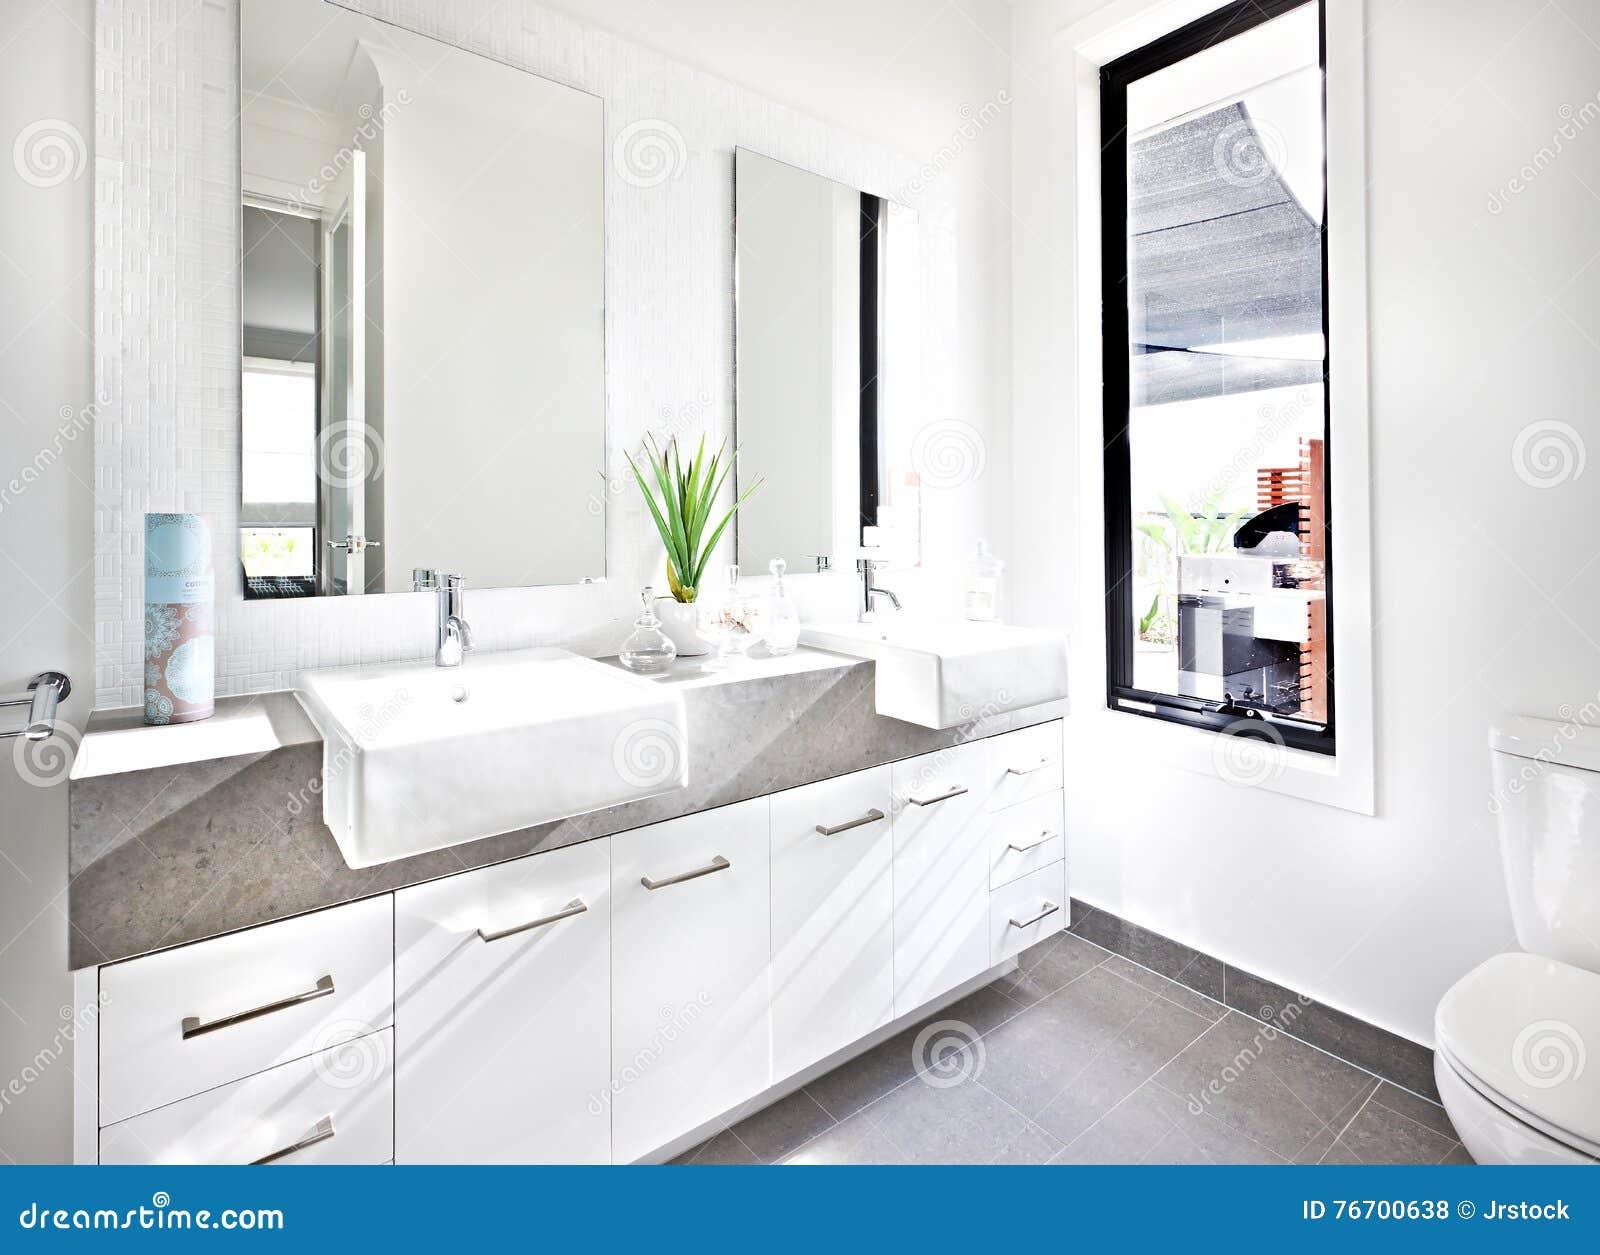 Vit toalett som är upplyst med solljus runt om räknaren